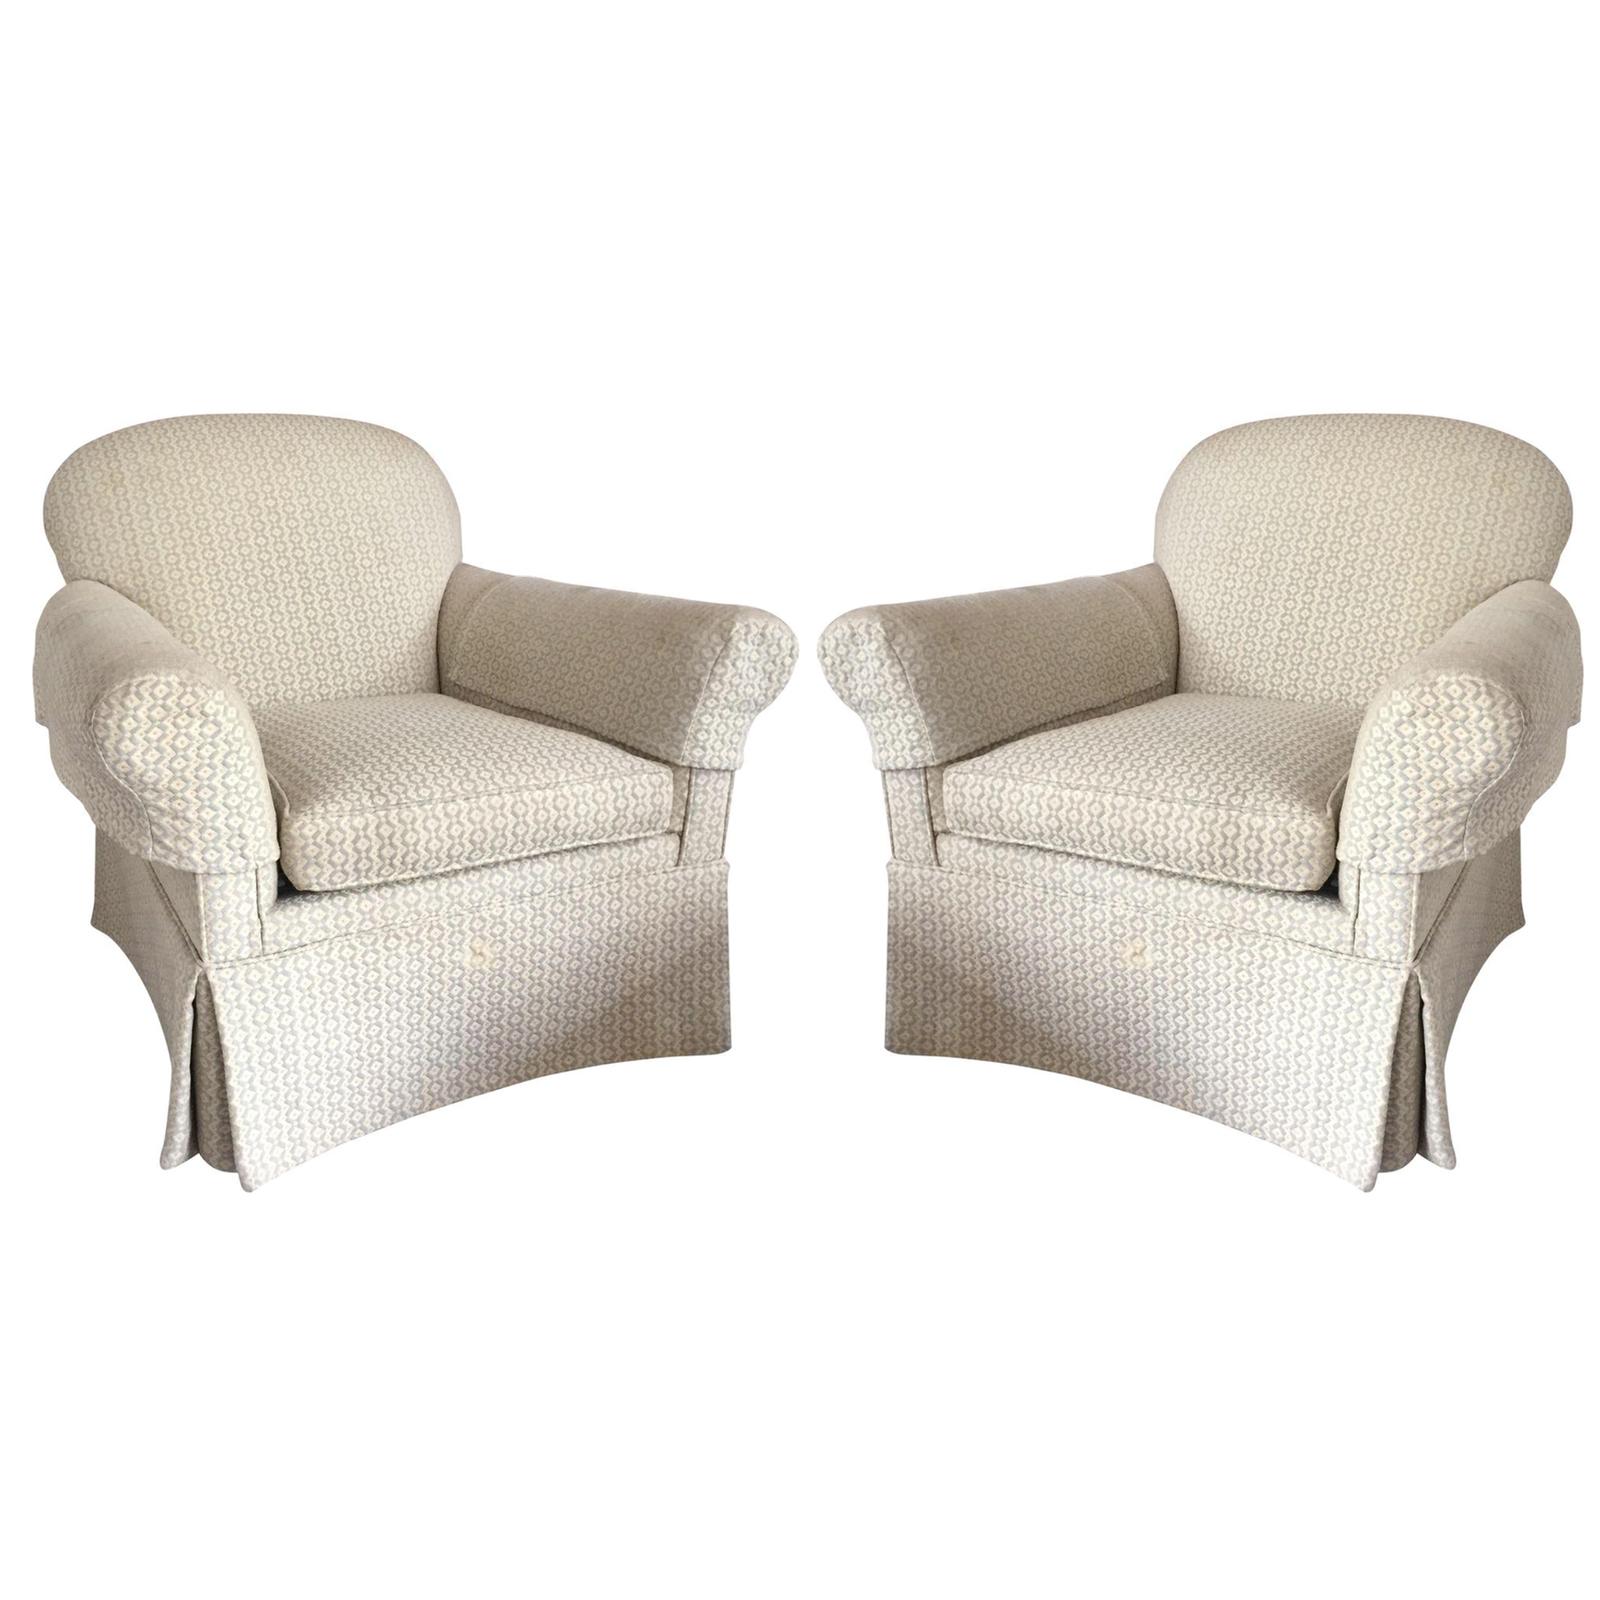 Skirted Club Chairs - A Pair | Chairish